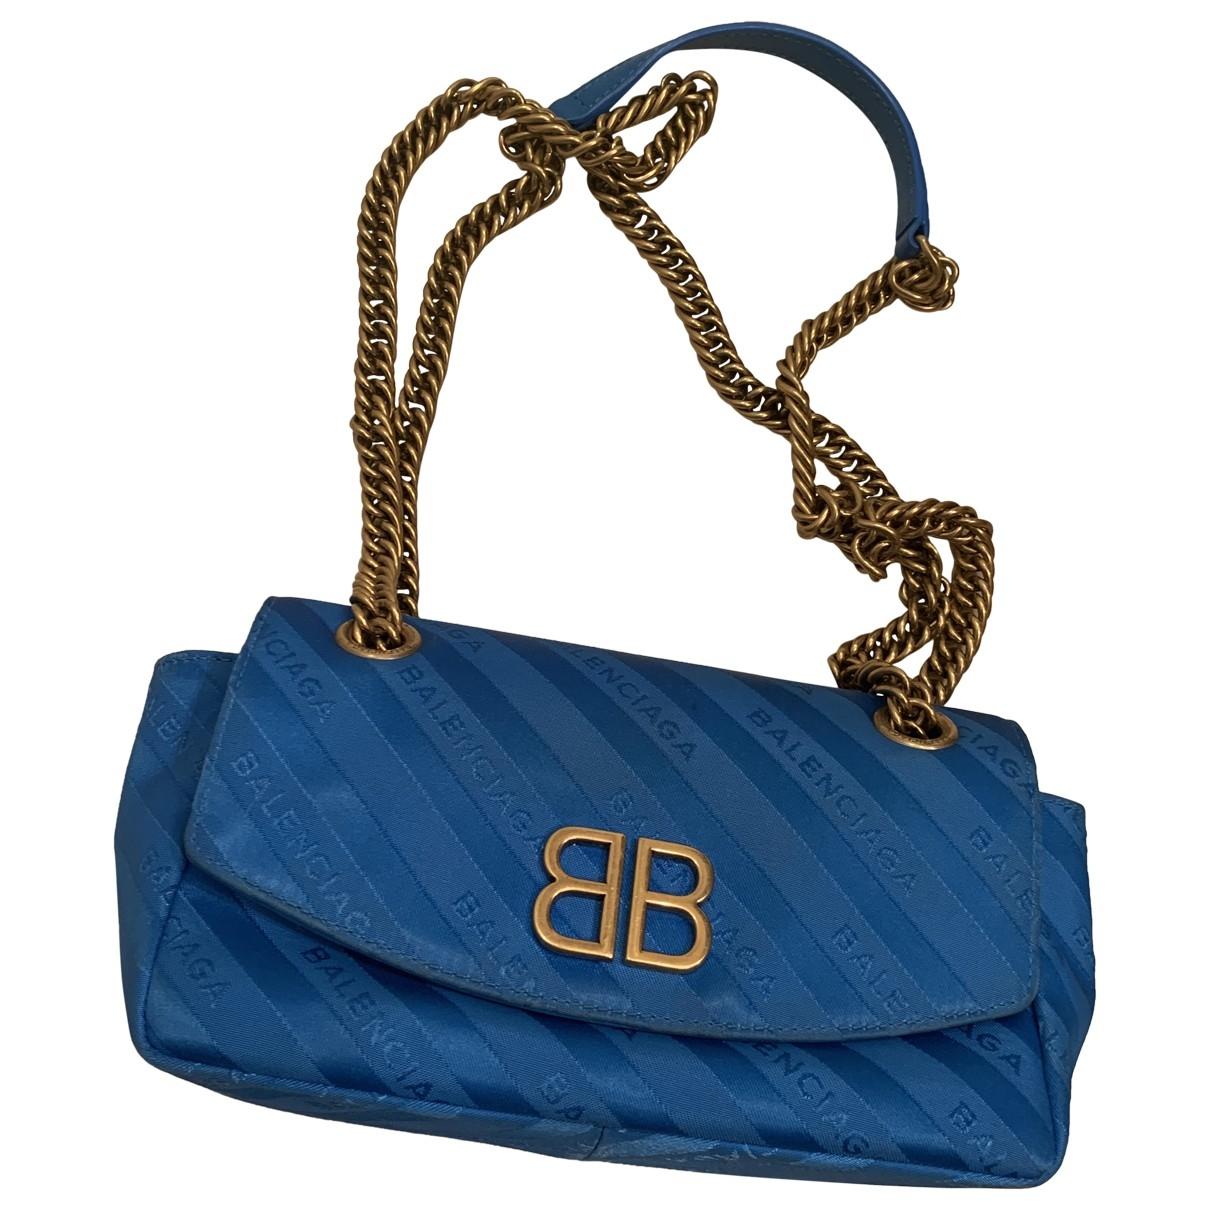 Balenciaga - Sac a main BB chain pour femme en toile - bleu